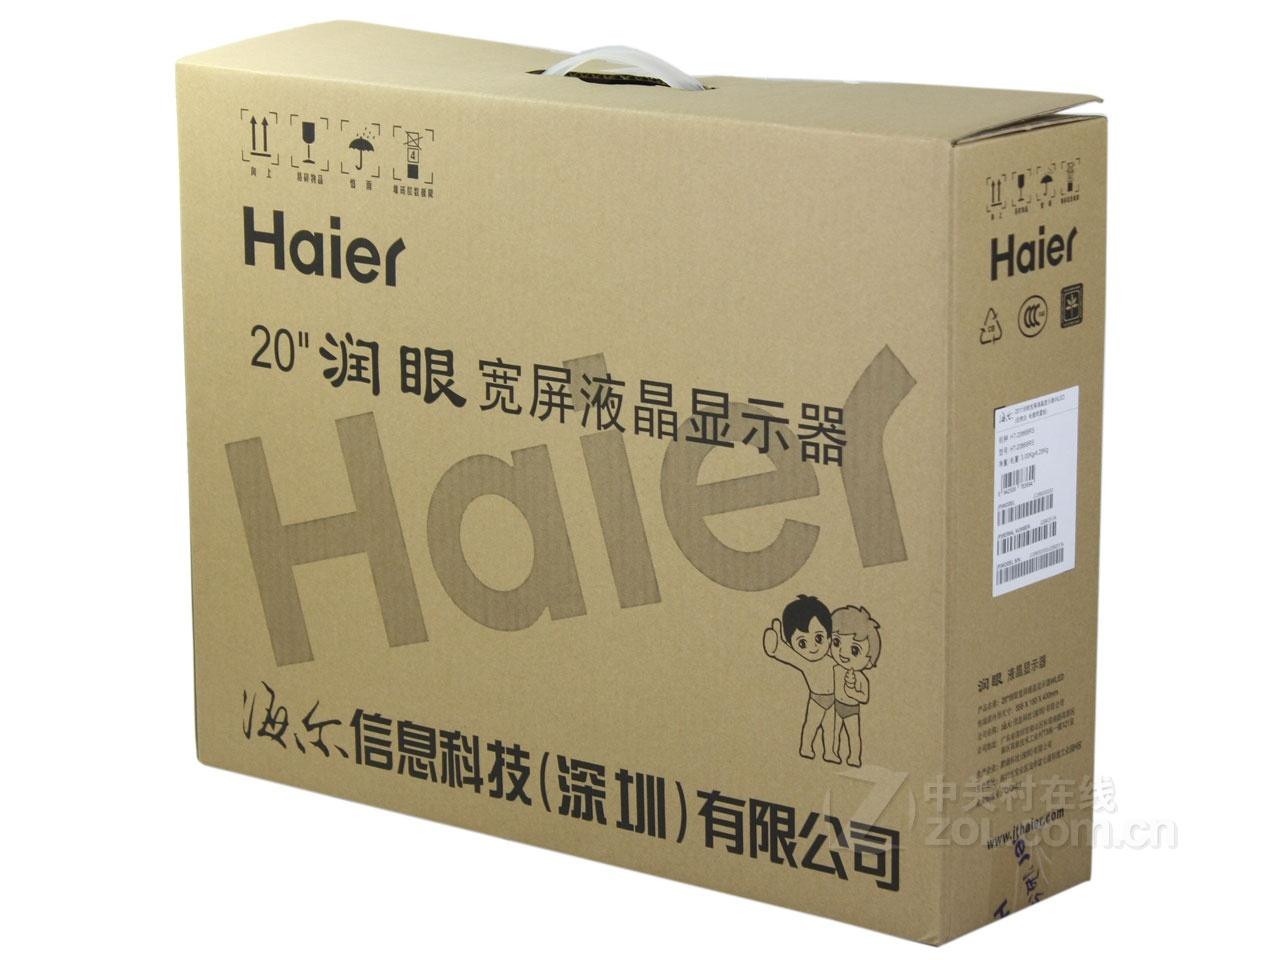 【原始大图】海尔ht-20668rs外包装图片欣赏-zol